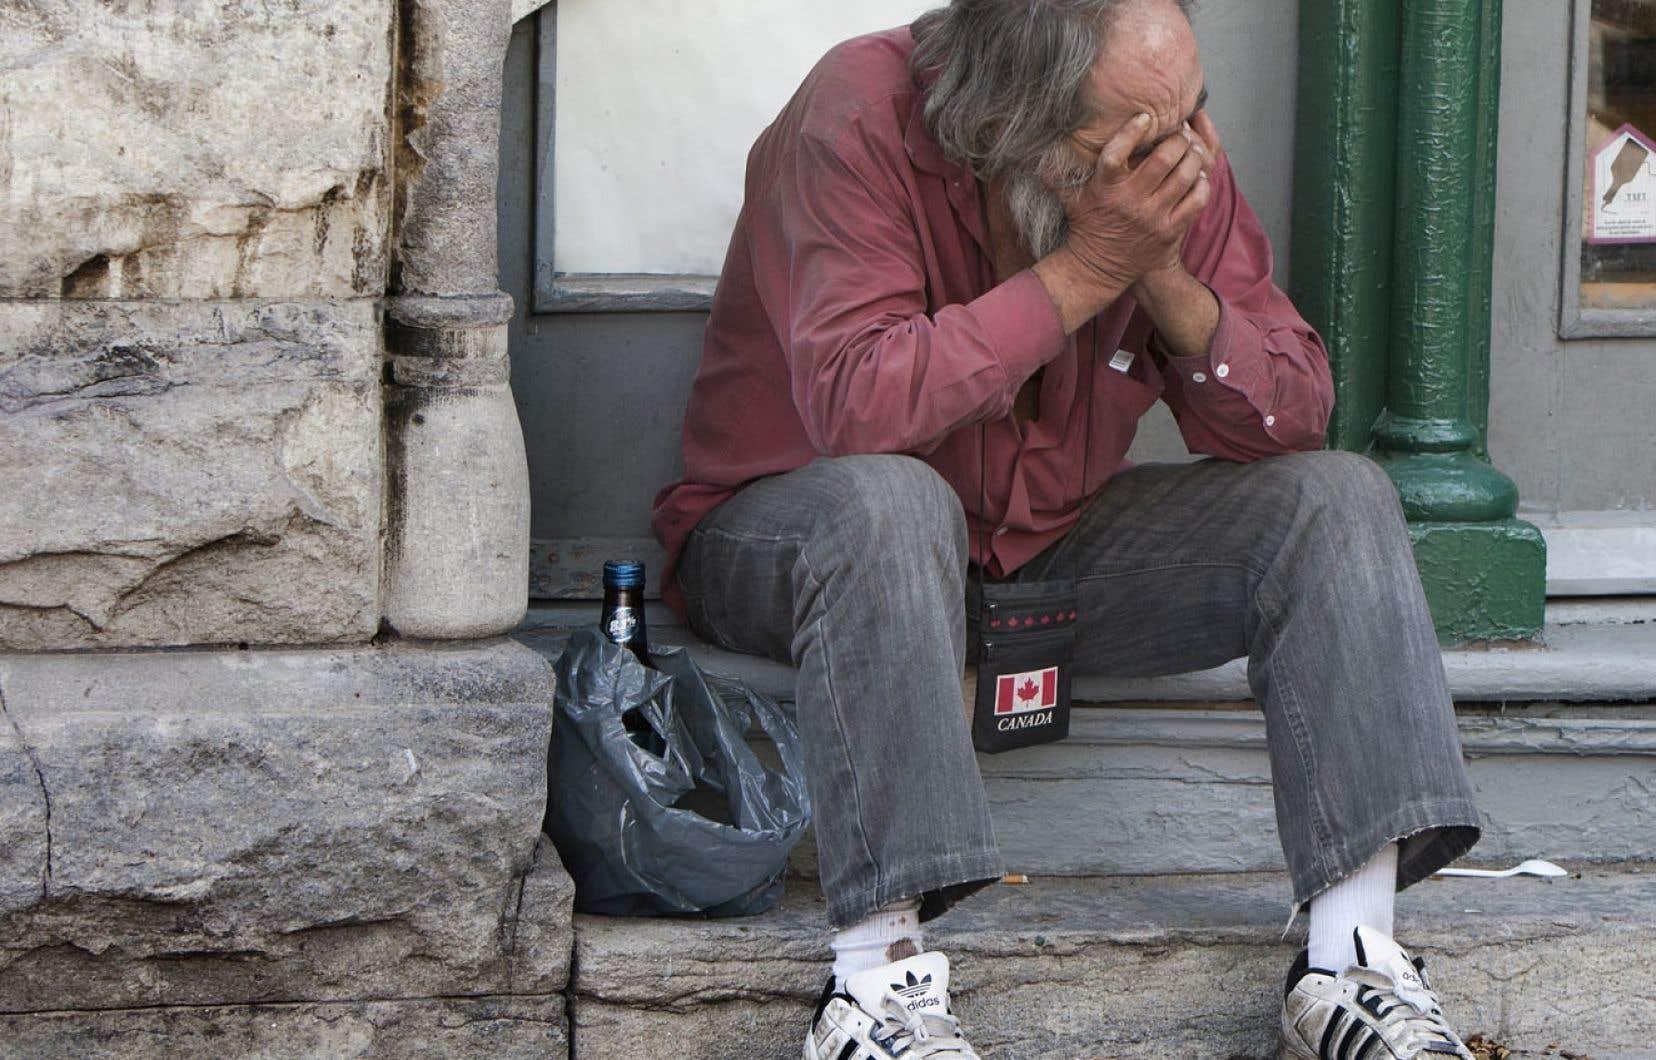 Dans la rue, un itinérant coûte en moyenne près de 53 000 $ - en transport, en ambulance, en nuits à l'hôpital ou en refuge, en interventions policières, en séjours en prison, etc.